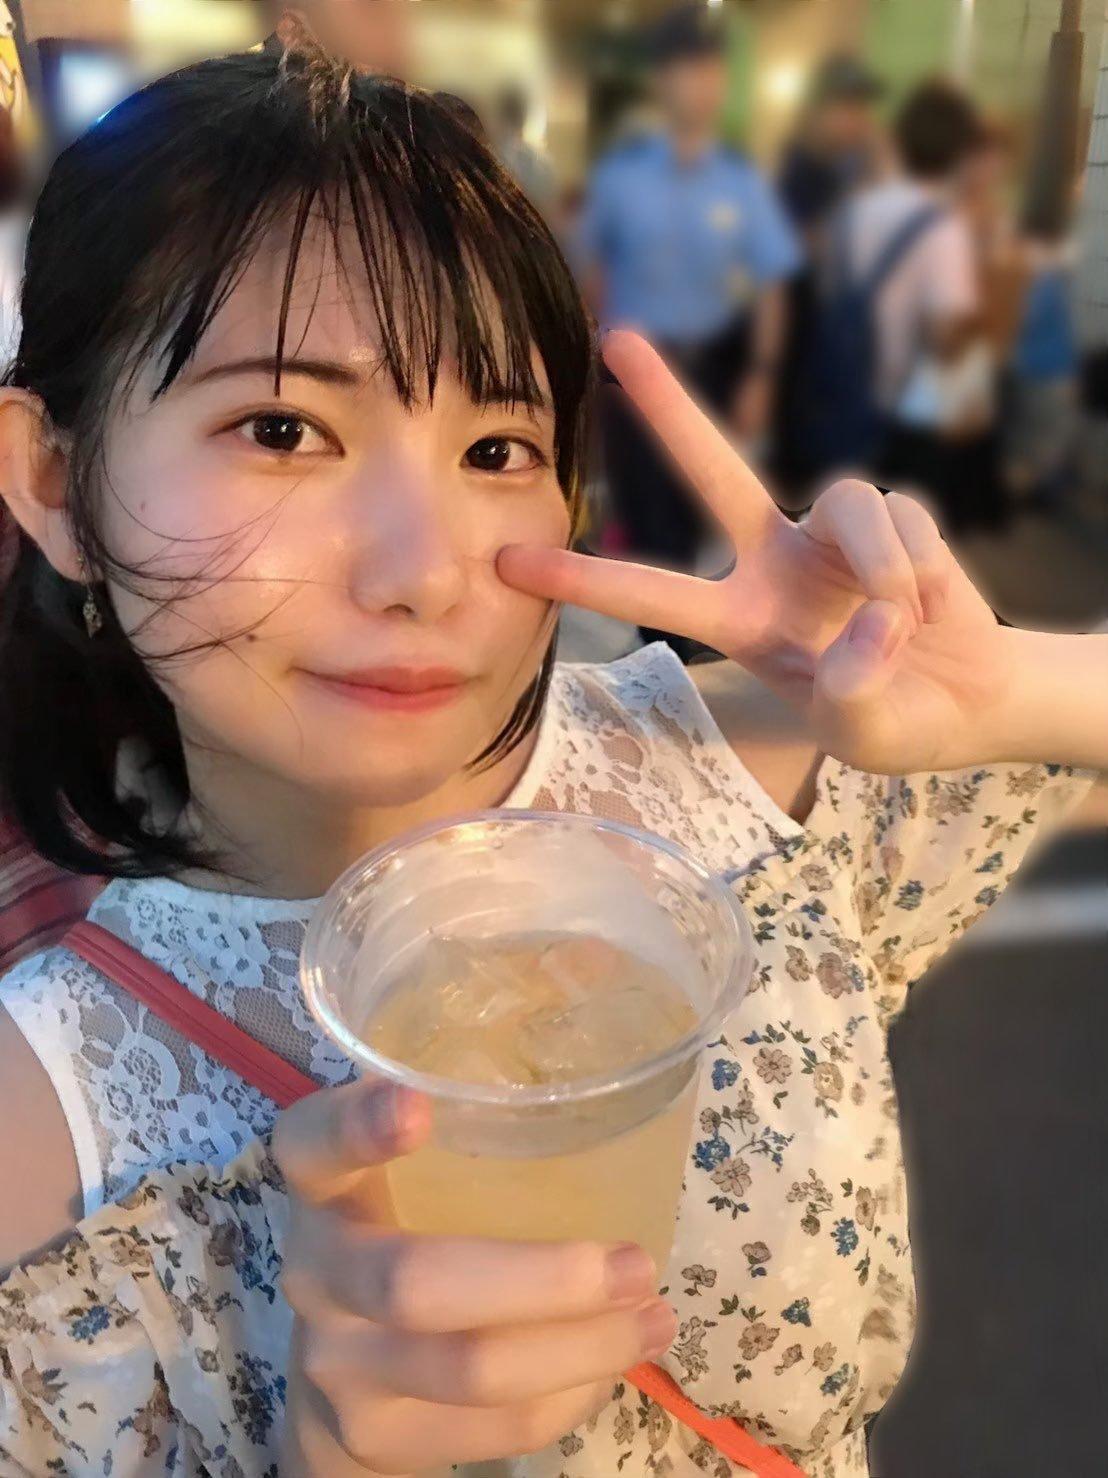 猫耳女仆甜到心坎 海边JK夏日感觉-COS精选二百六十弹 动漫漫画 第59张